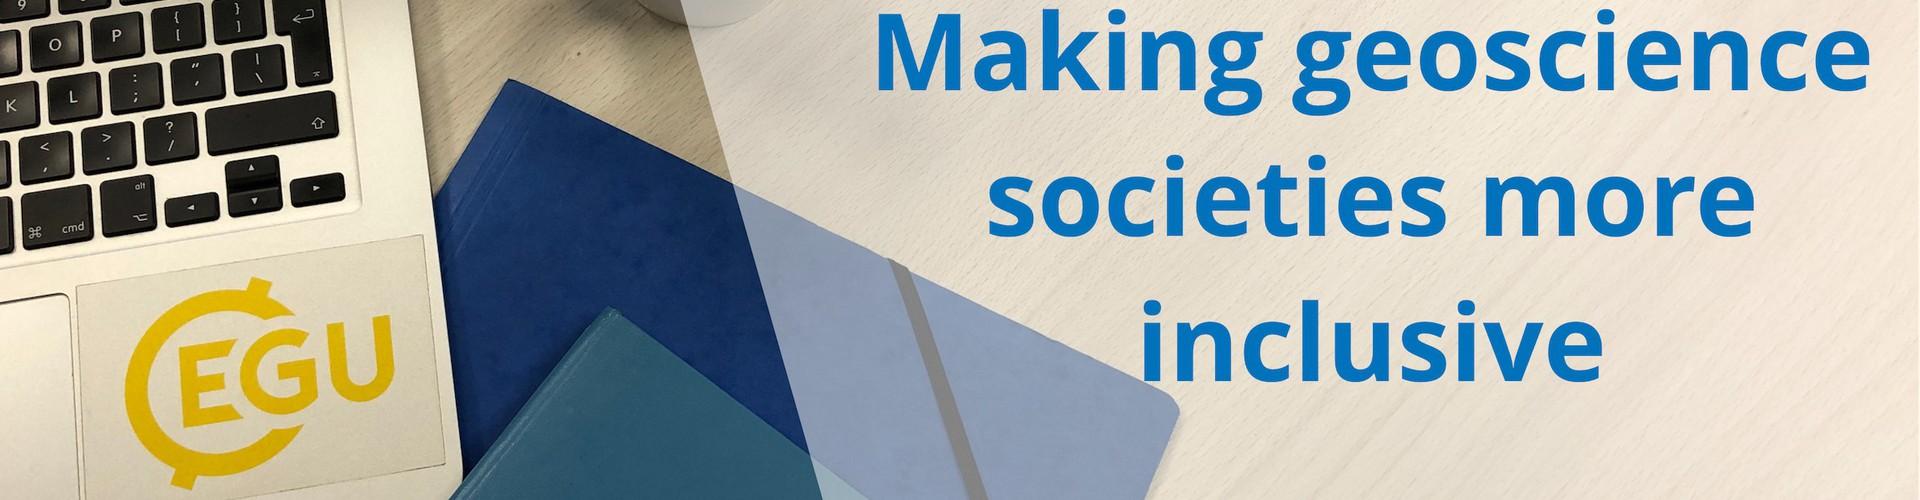 EGU inclusivity webinar cover (Credit: EGU)